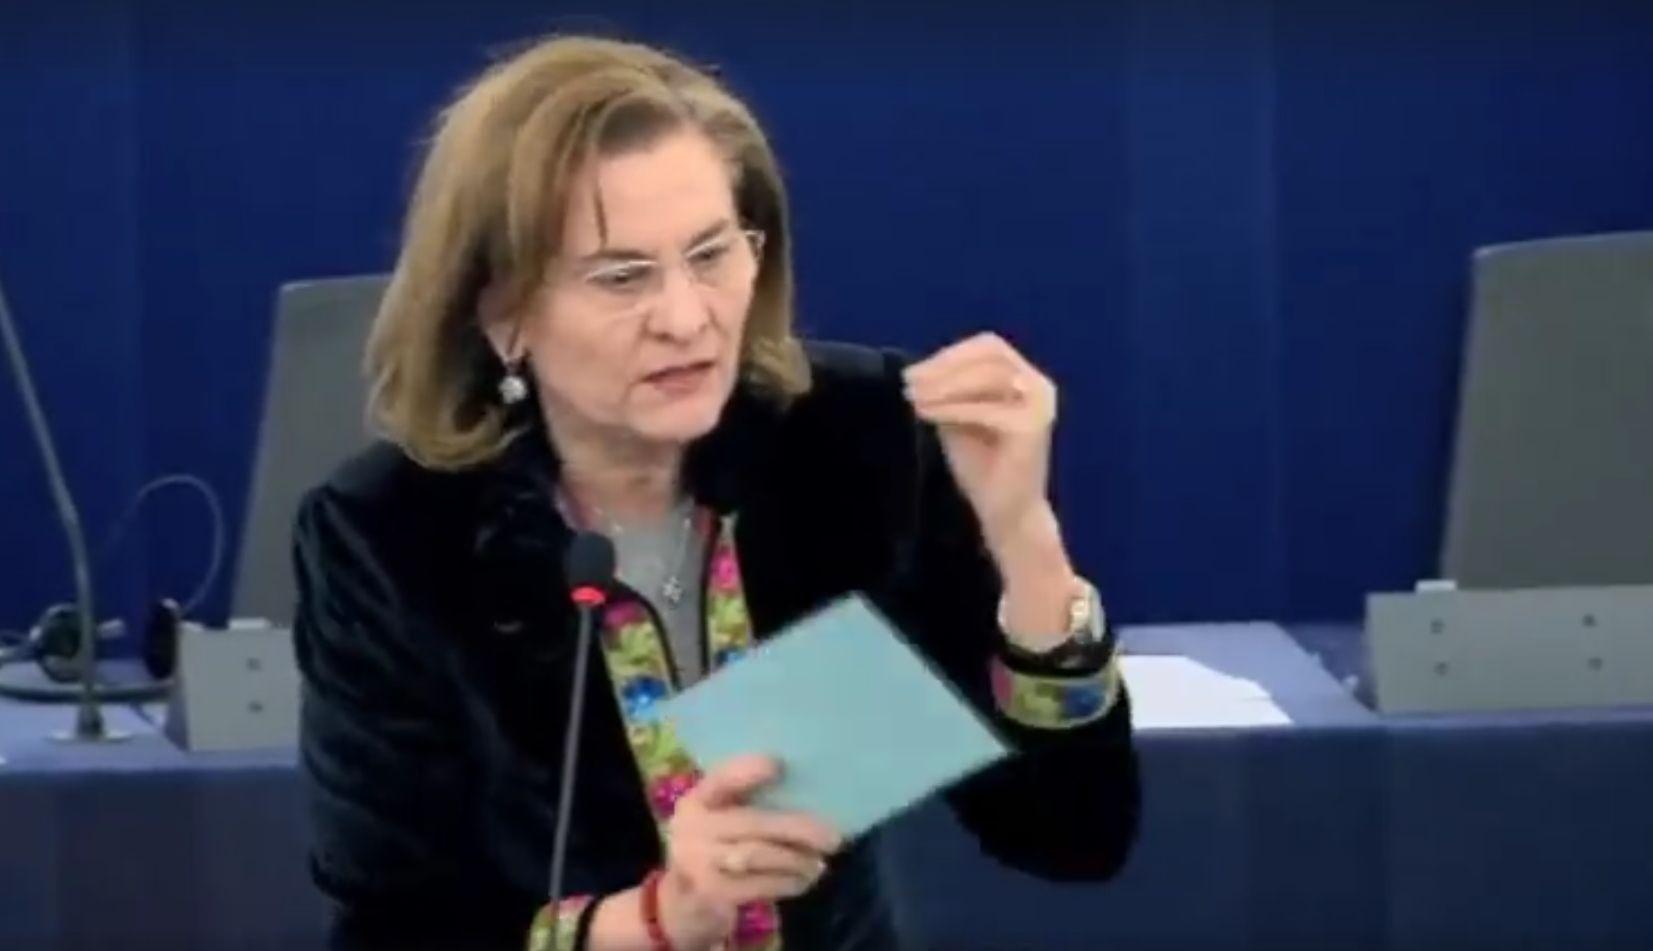 După asasinatul șocant din Slovacia, Maria Grapini propune transparență totală a fondurilor europene!